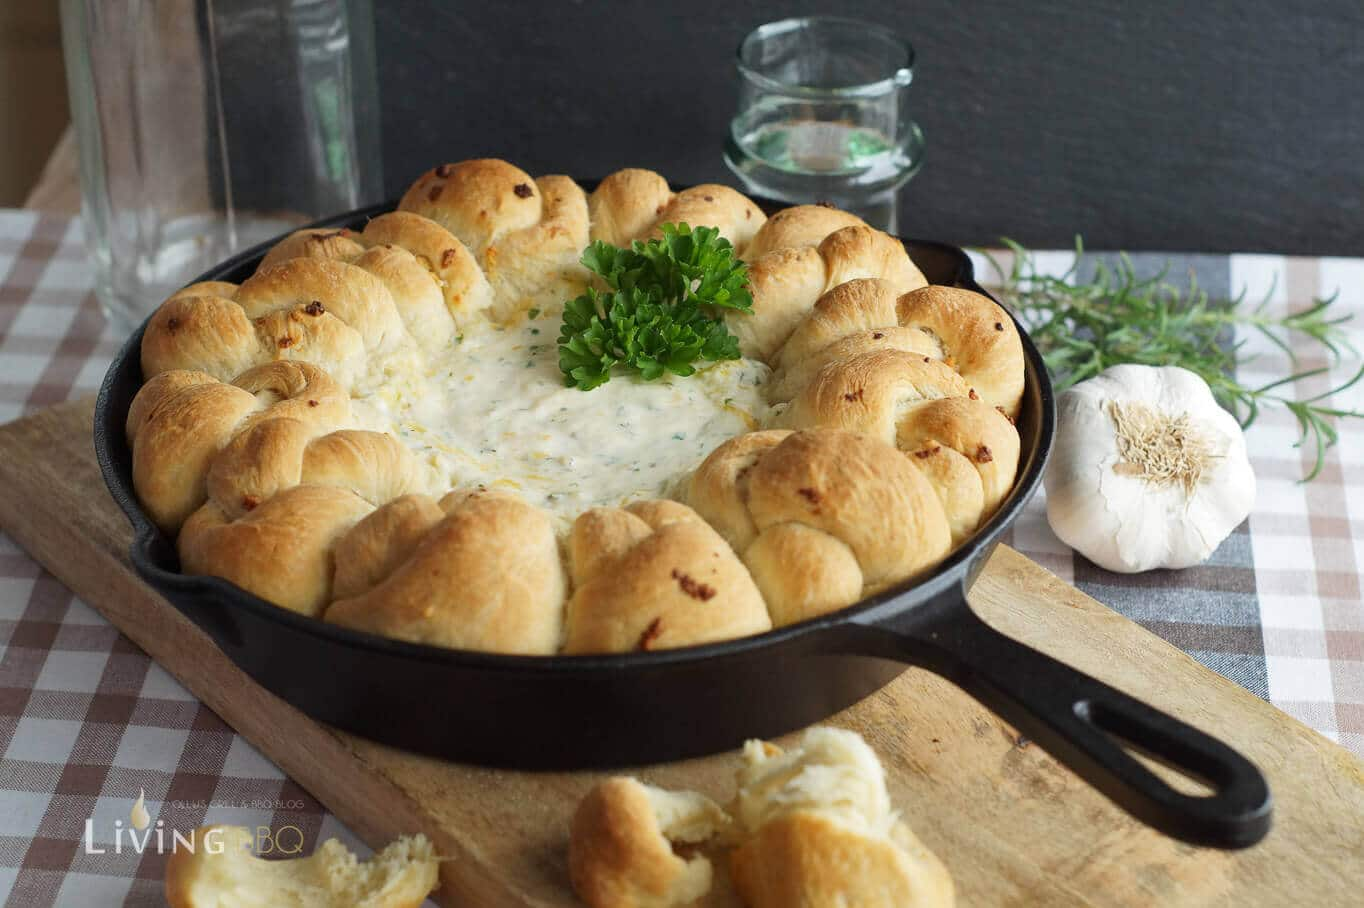 garlic herb knots with cheese dip gastbeitrag von usa kulinarisch living bbq. Black Bedroom Furniture Sets. Home Design Ideas